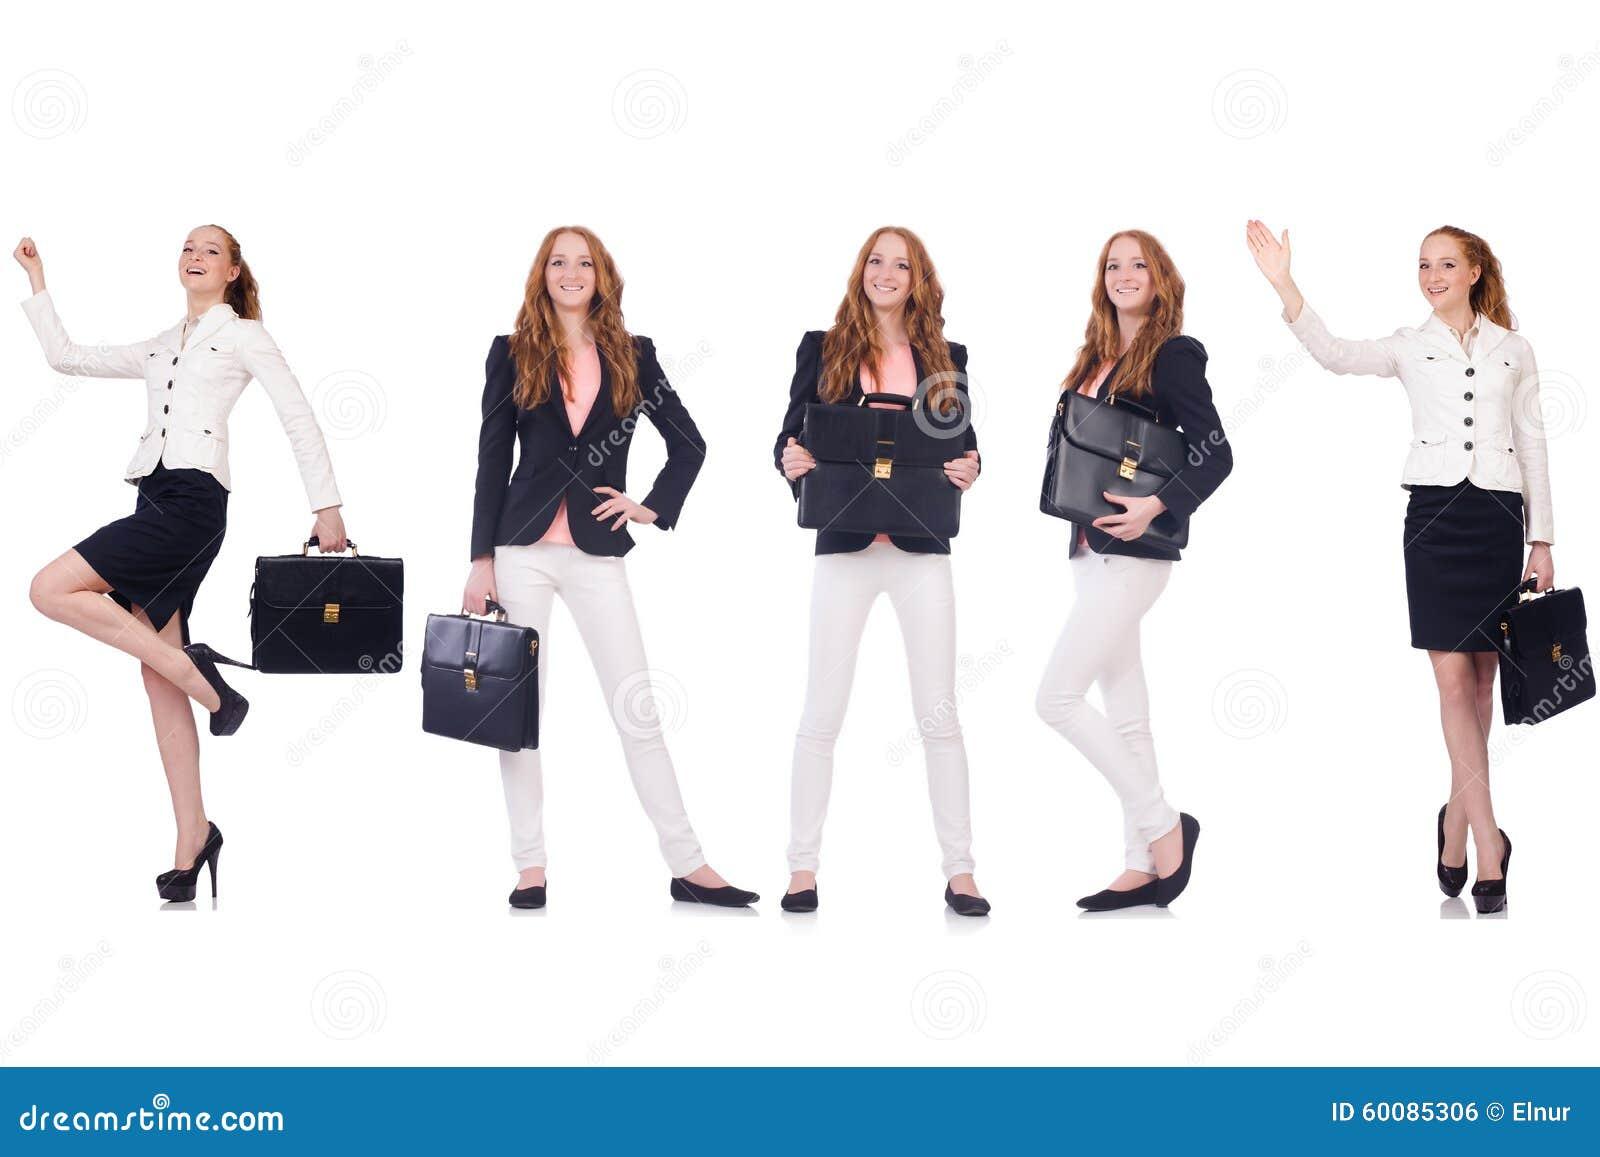 ensemble de photos avec la femme d 39 affaires photo stock image du m tier businesswoman 60085306. Black Bedroom Furniture Sets. Home Design Ideas